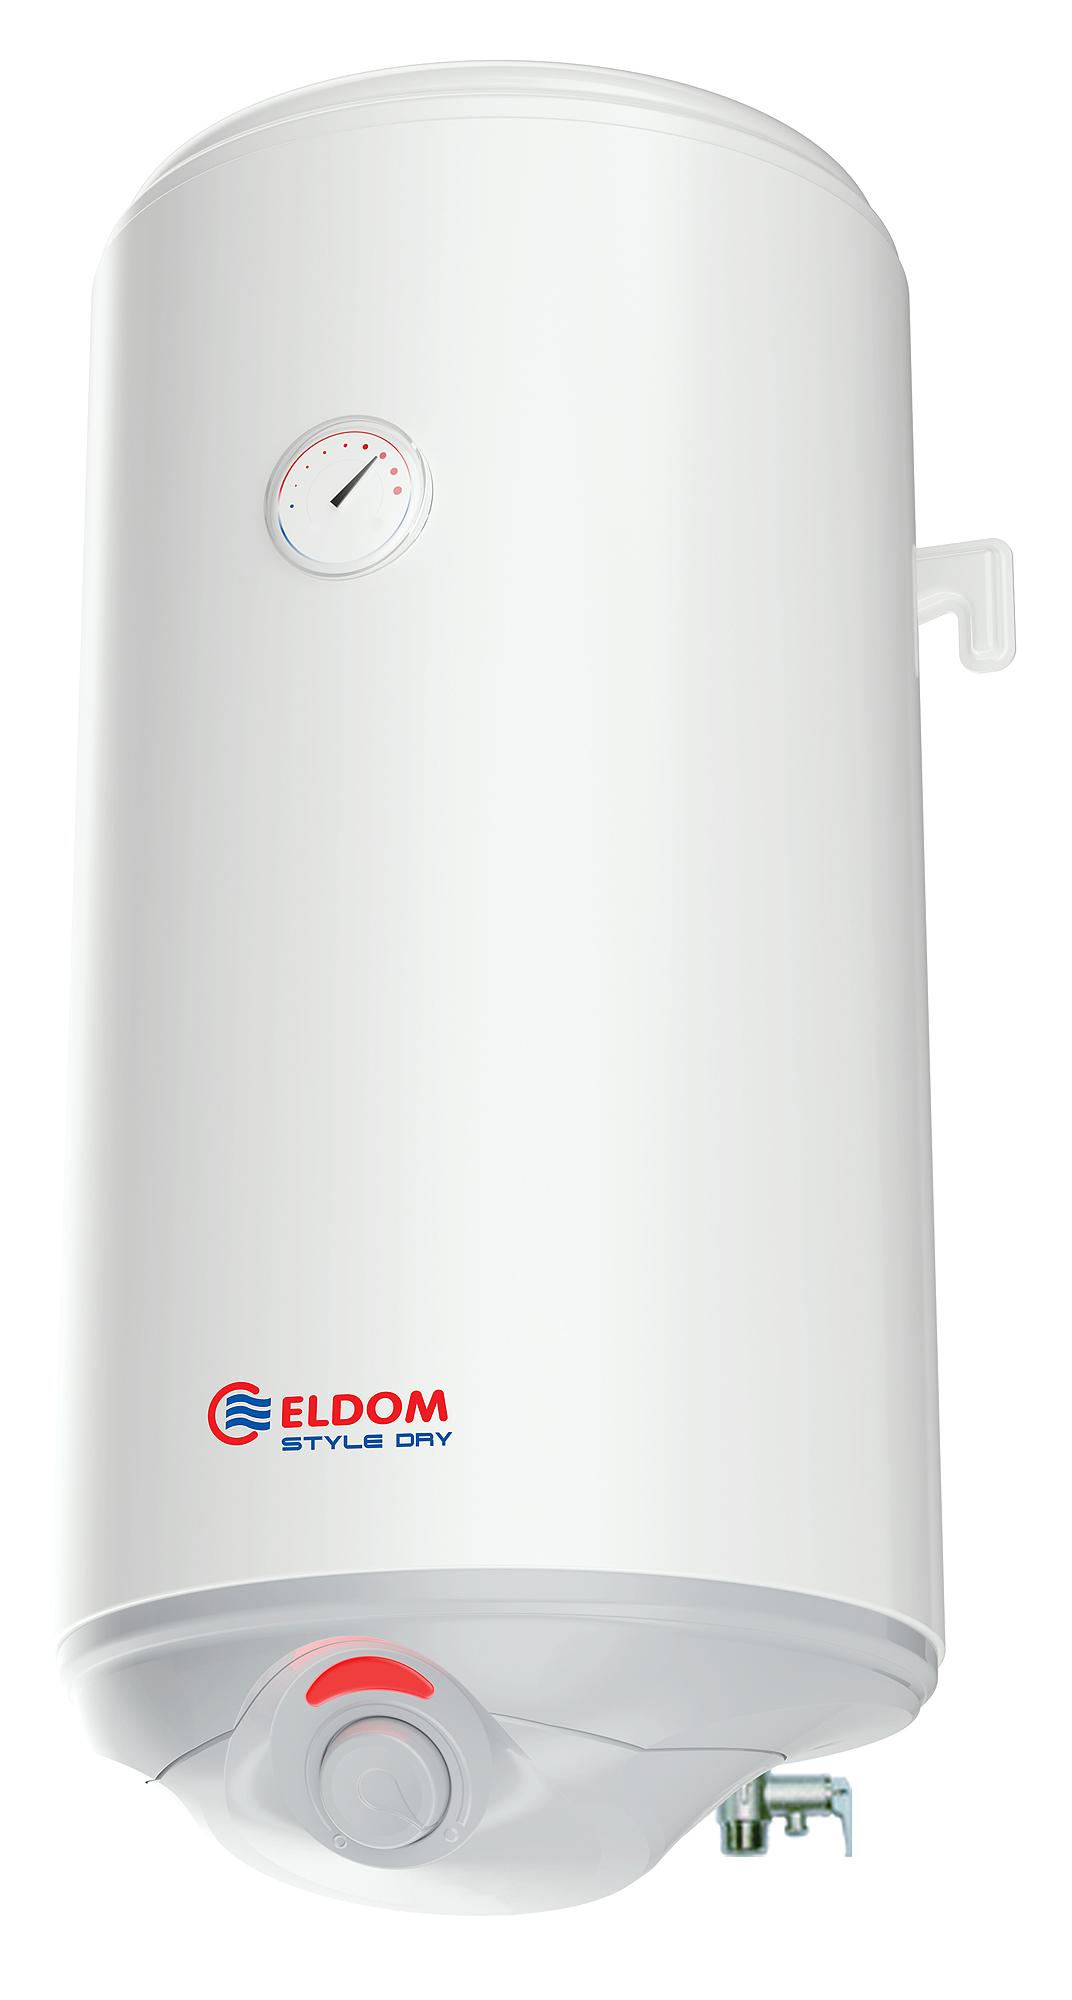 B-Ware Warmwasserspeicher Eldom Style Dry 50 Liter druckfest